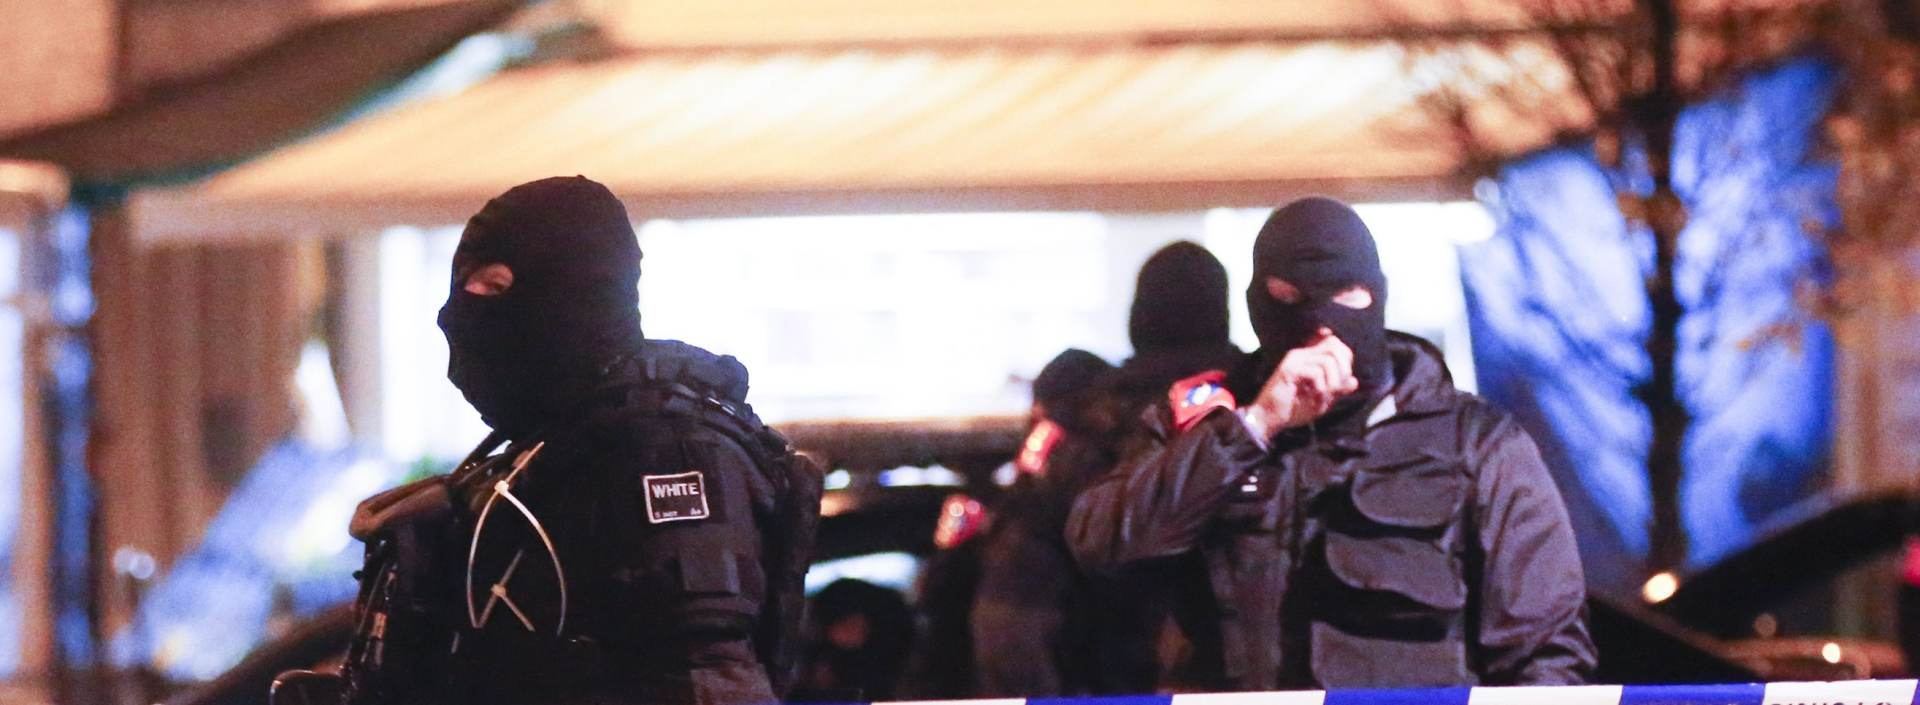 LOV NA TERORISTE U BRUXELLESU: U velikoj protuterorističkoj akciji privedeno 16 osoba, Abdeslam i dalje u bijegu